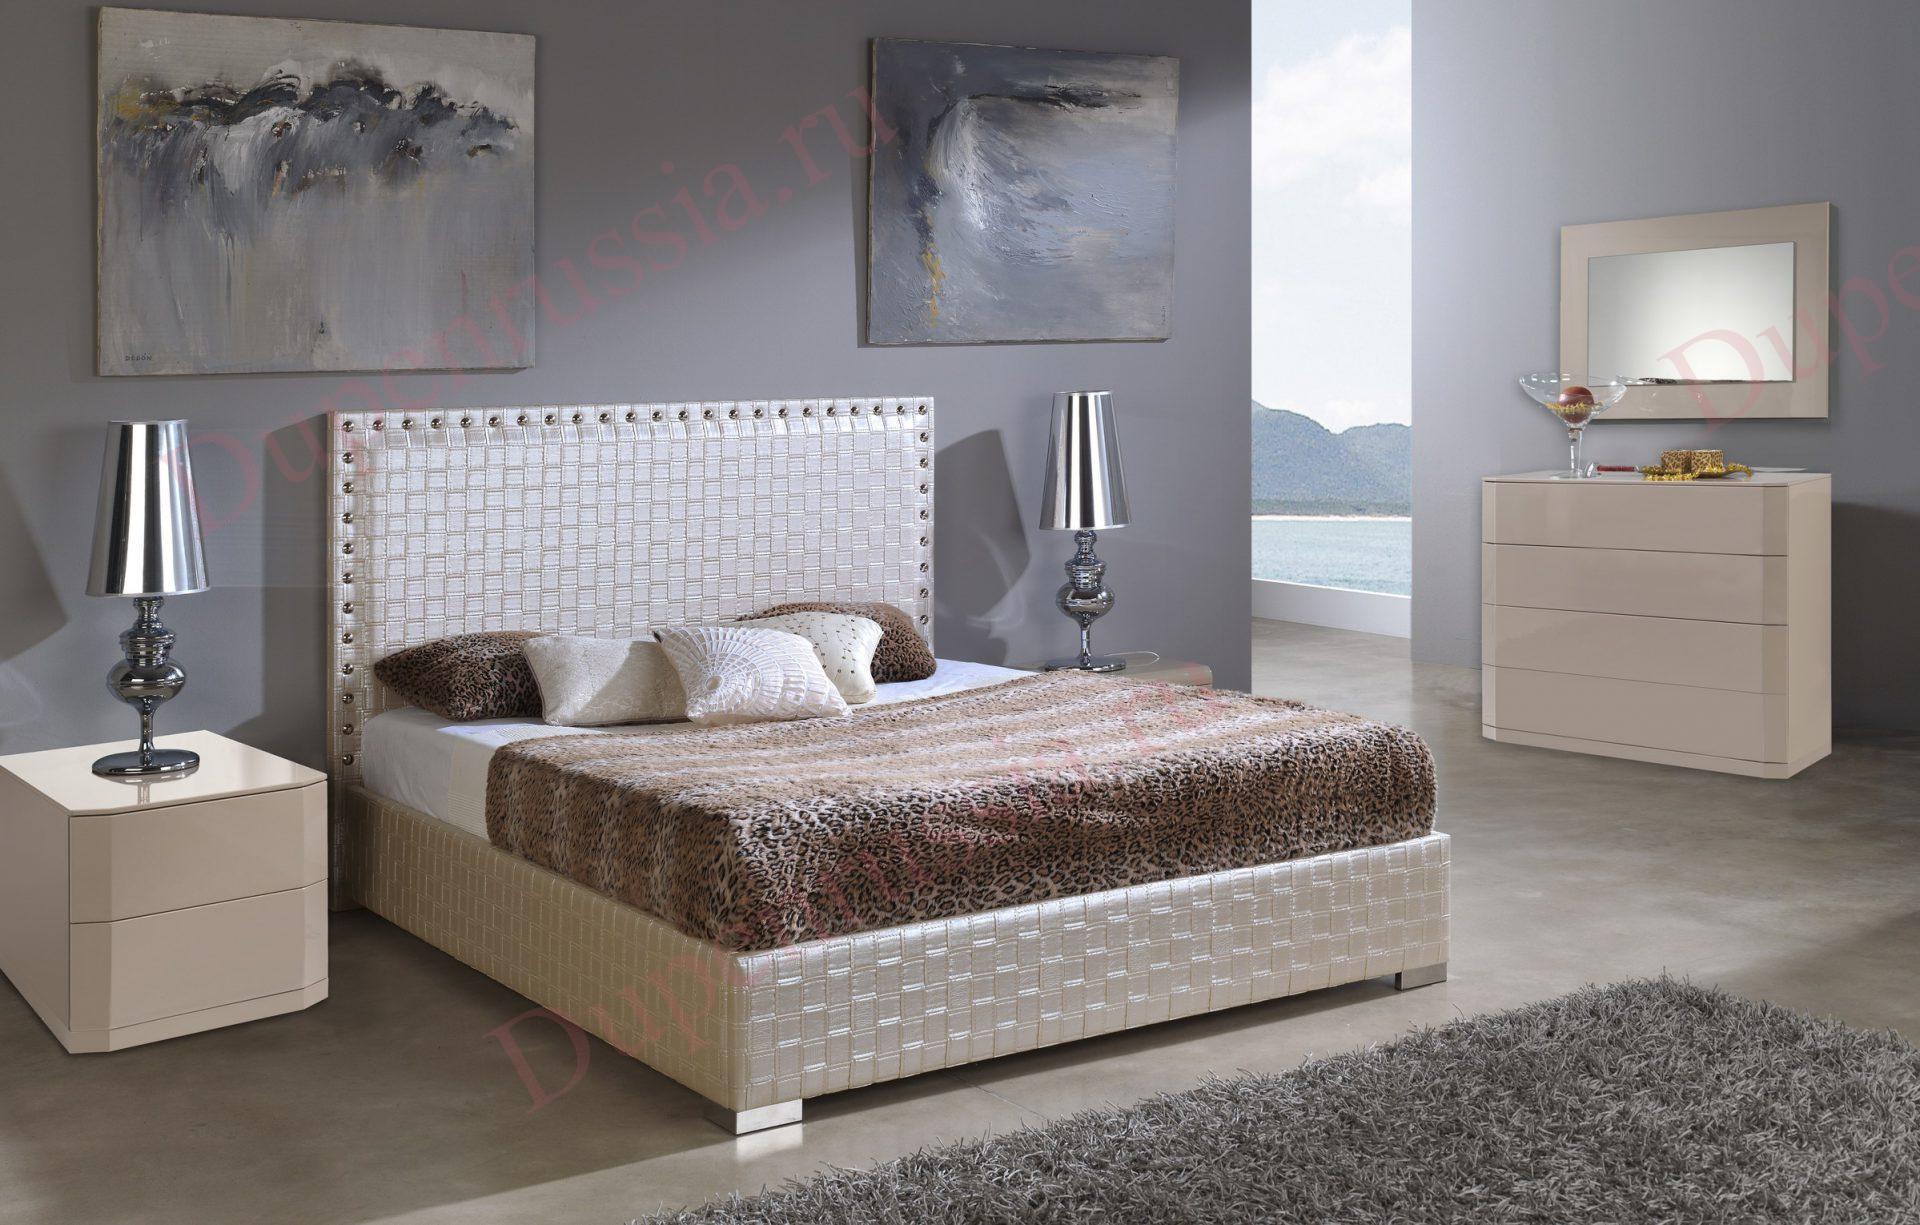 Кровать DUPEN 649 MANHATTAN, Комод горизонтальный С-102 мока, Тумба прикроватная М-102 мока